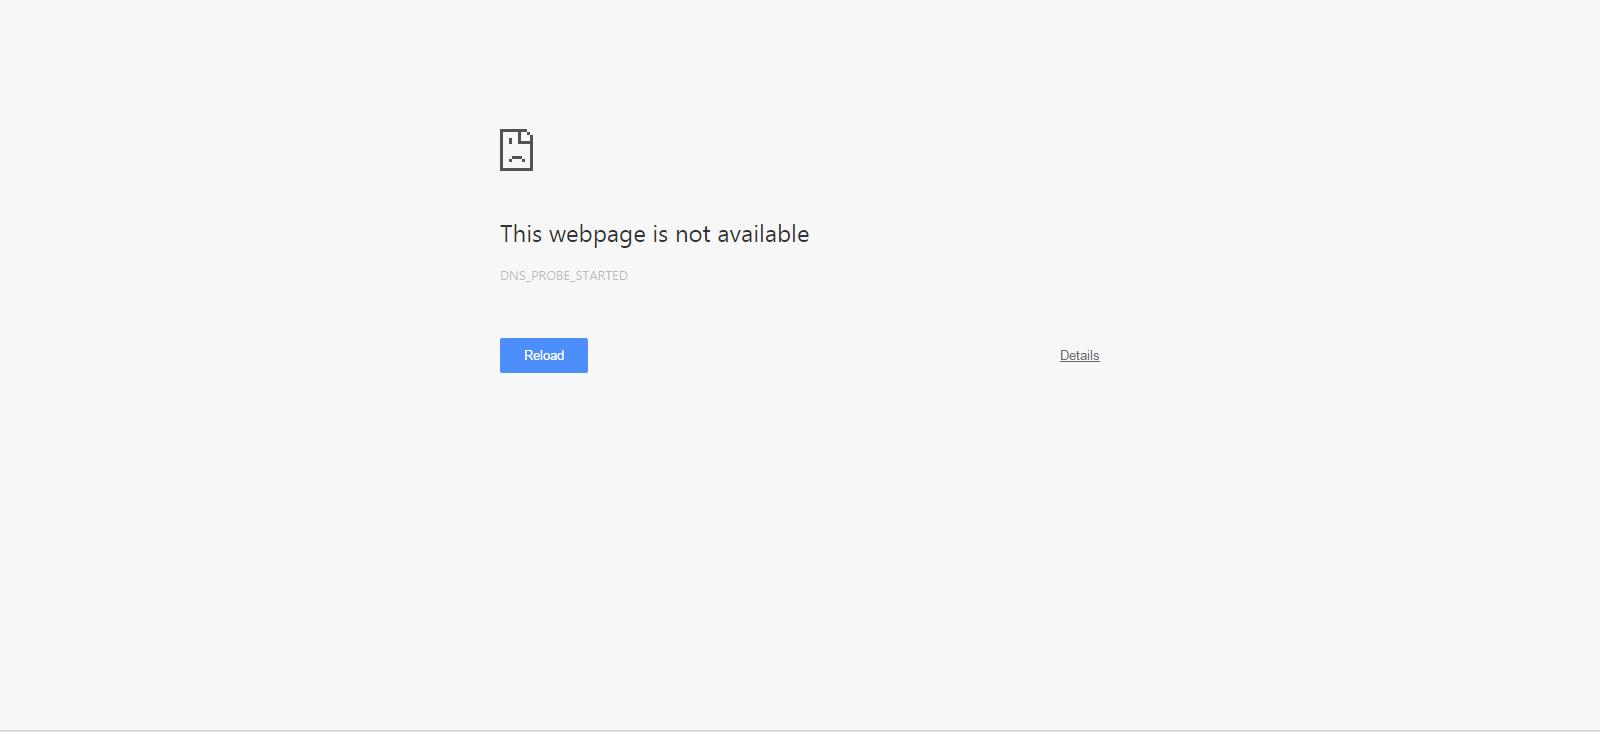 web page broken